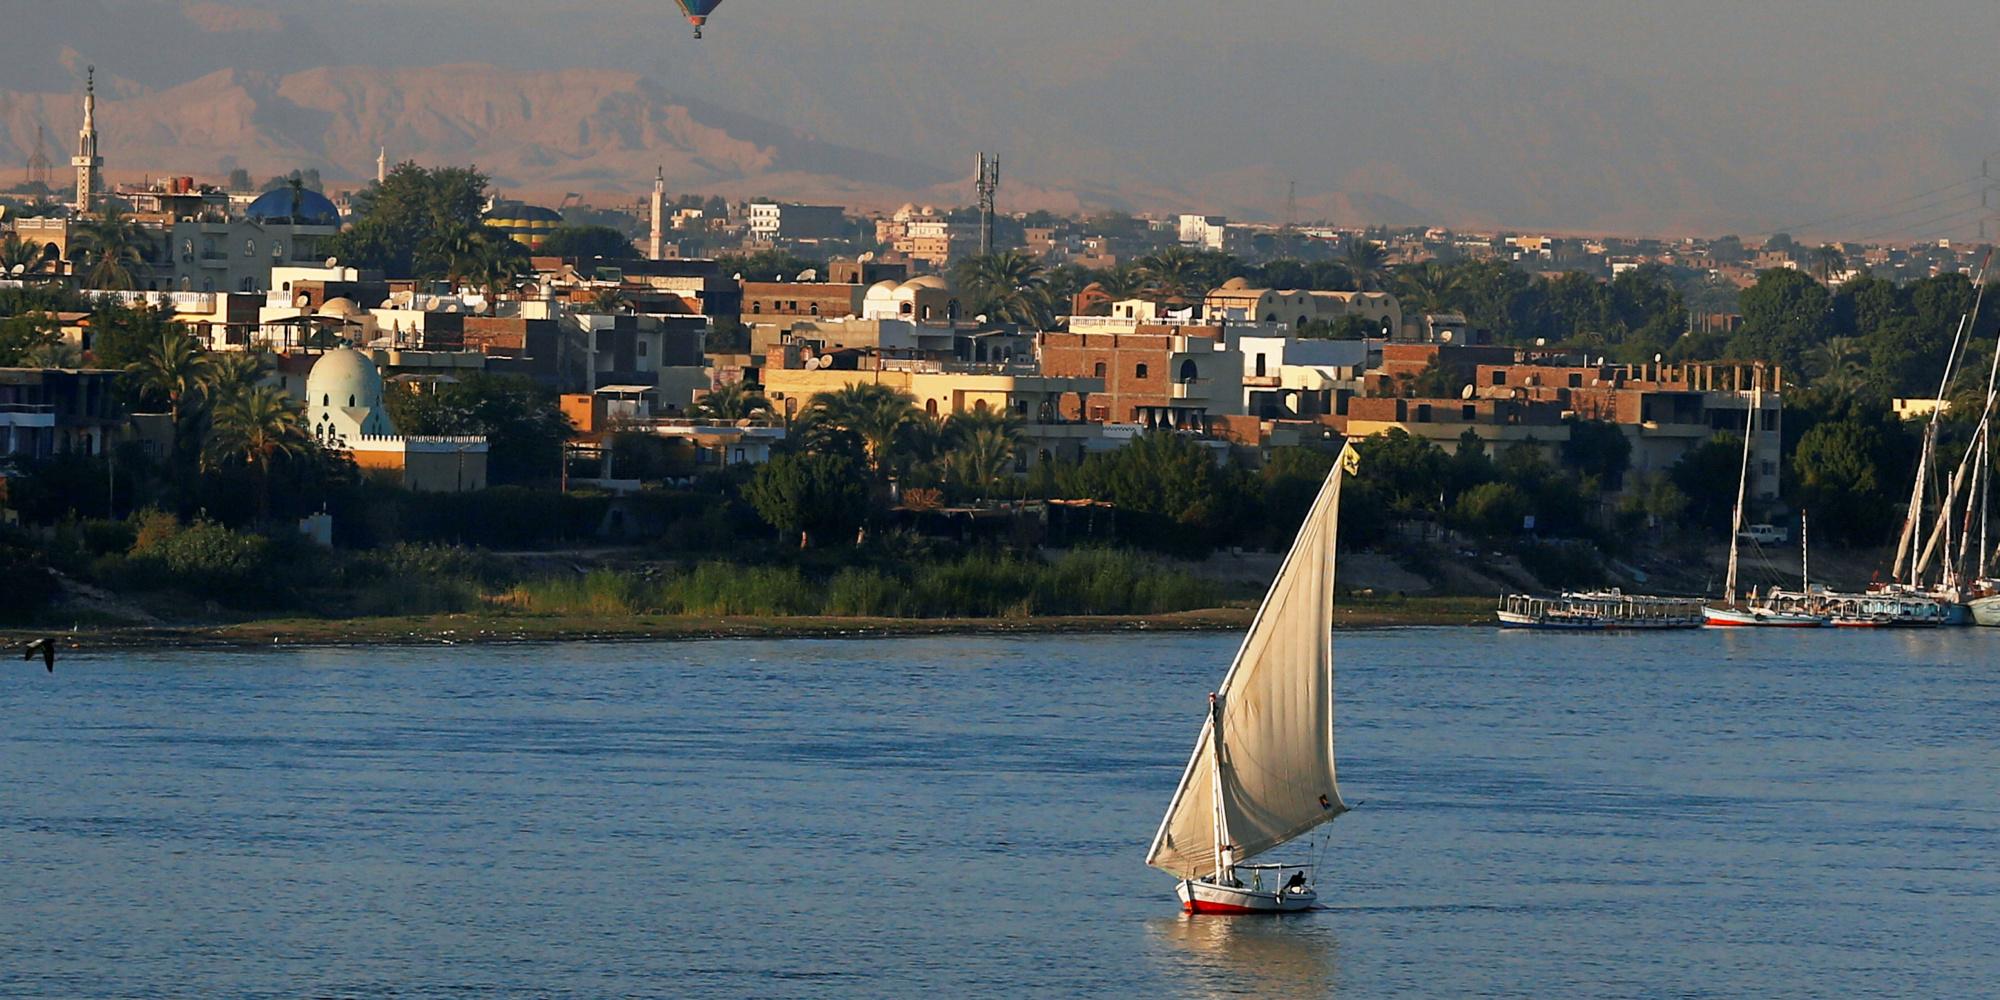 أخطر من خلاف القاهرة مع دول إفريقية حول نهر النيل.. هذا ما ستفعله التغيرات المناخية بشريان الحياة لمصر